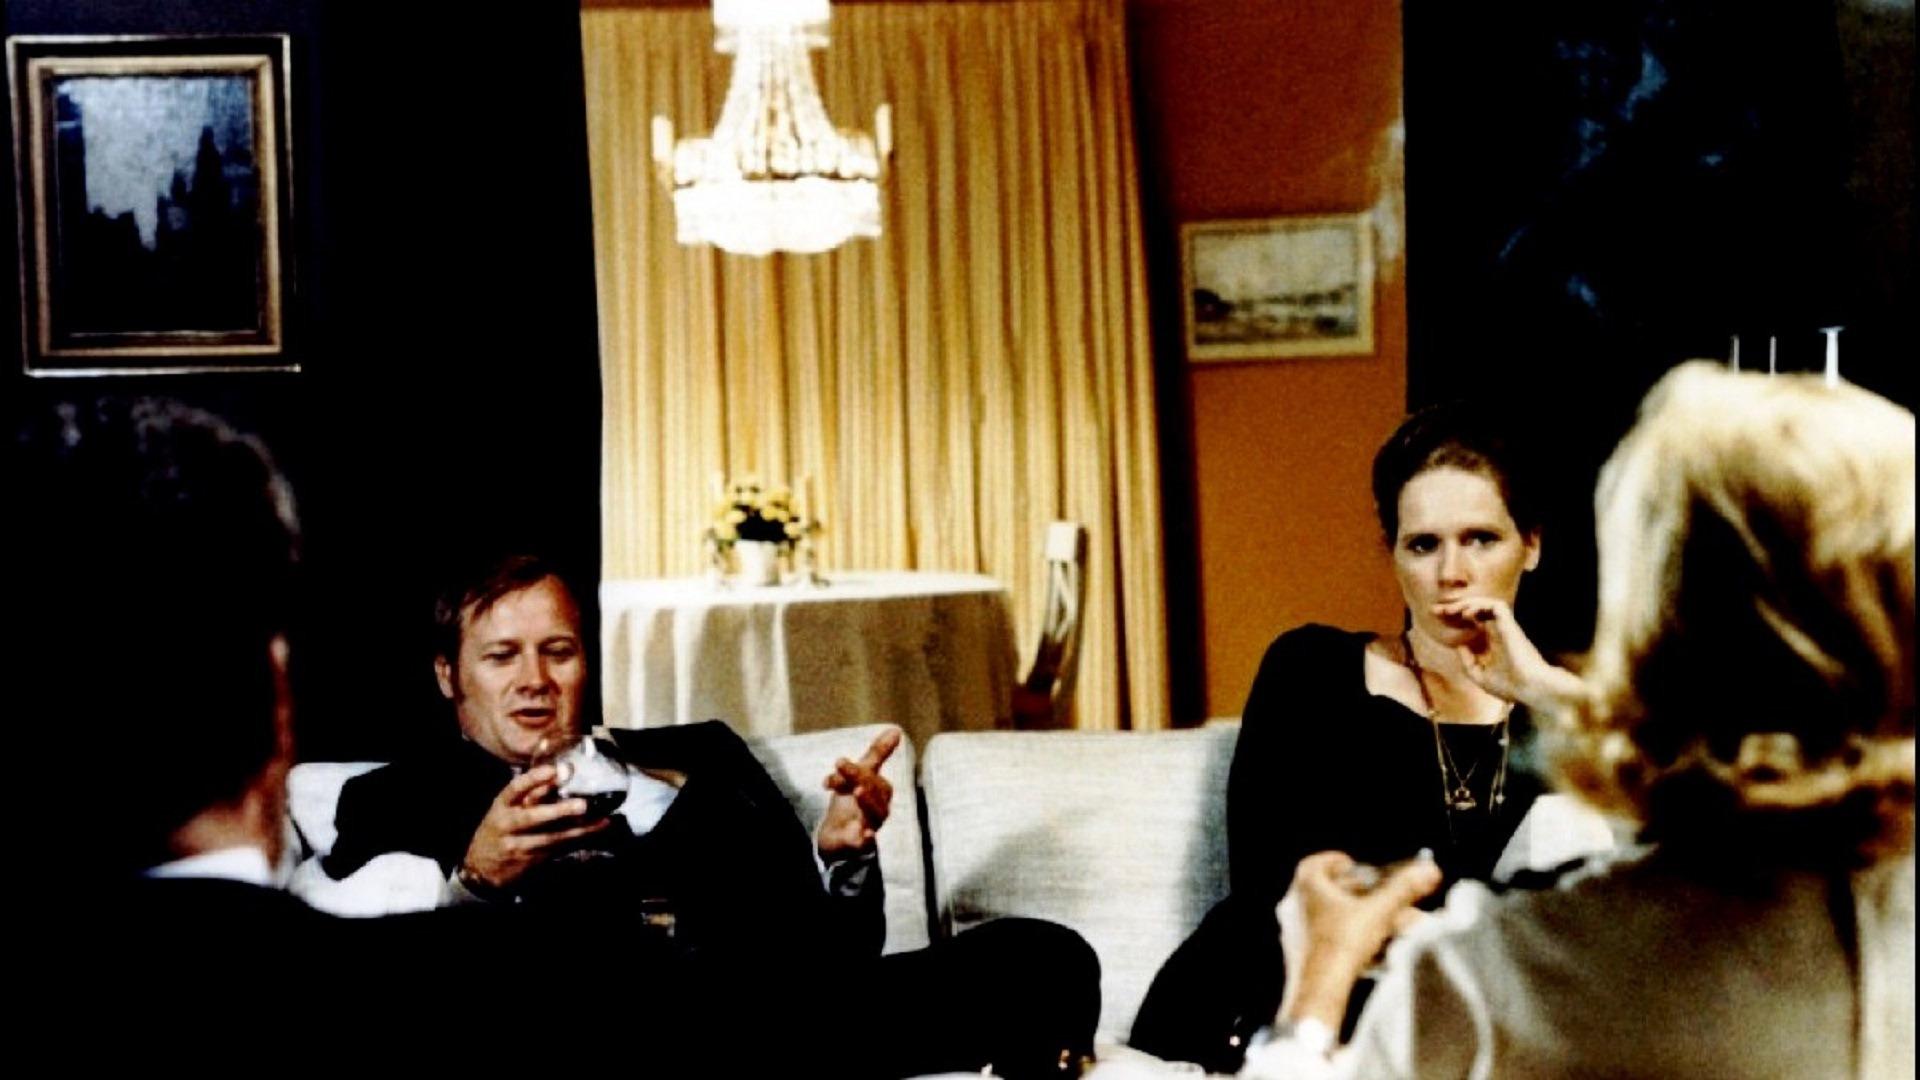 Show Scener ur ett äktenskap